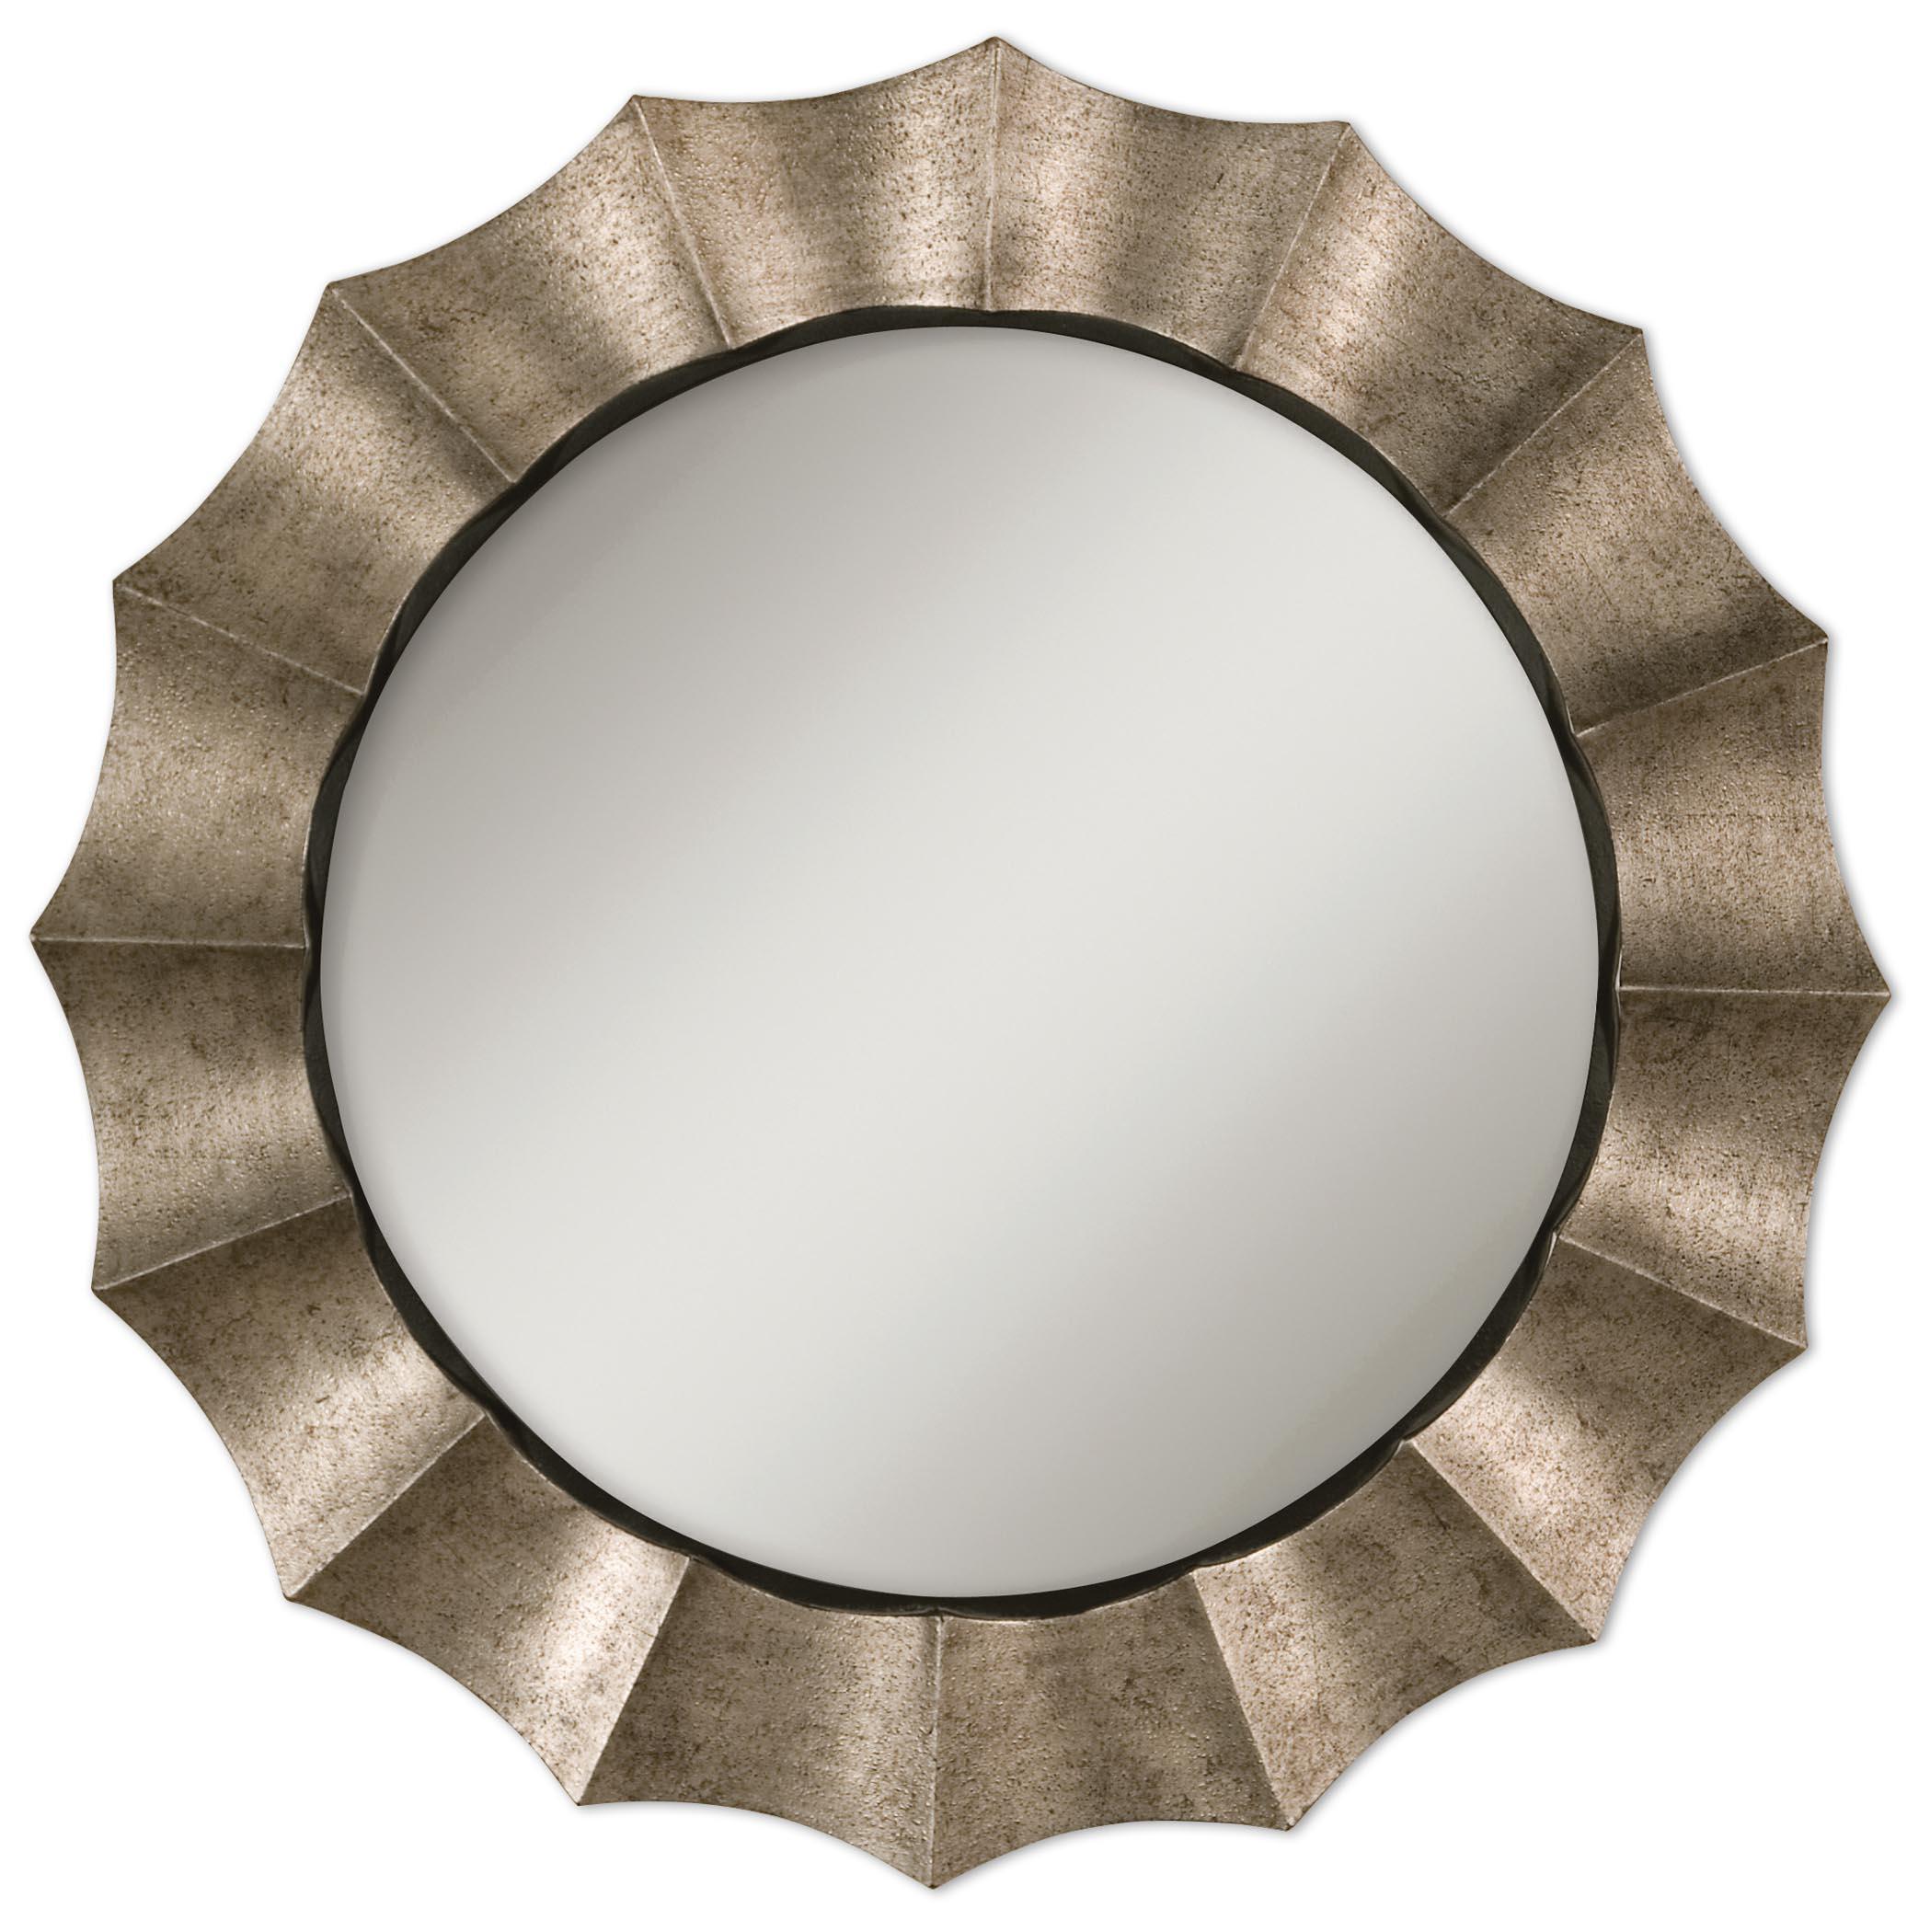 Mirrors - Round Gotham U Mirror by Uttermost at Mueller Furniture